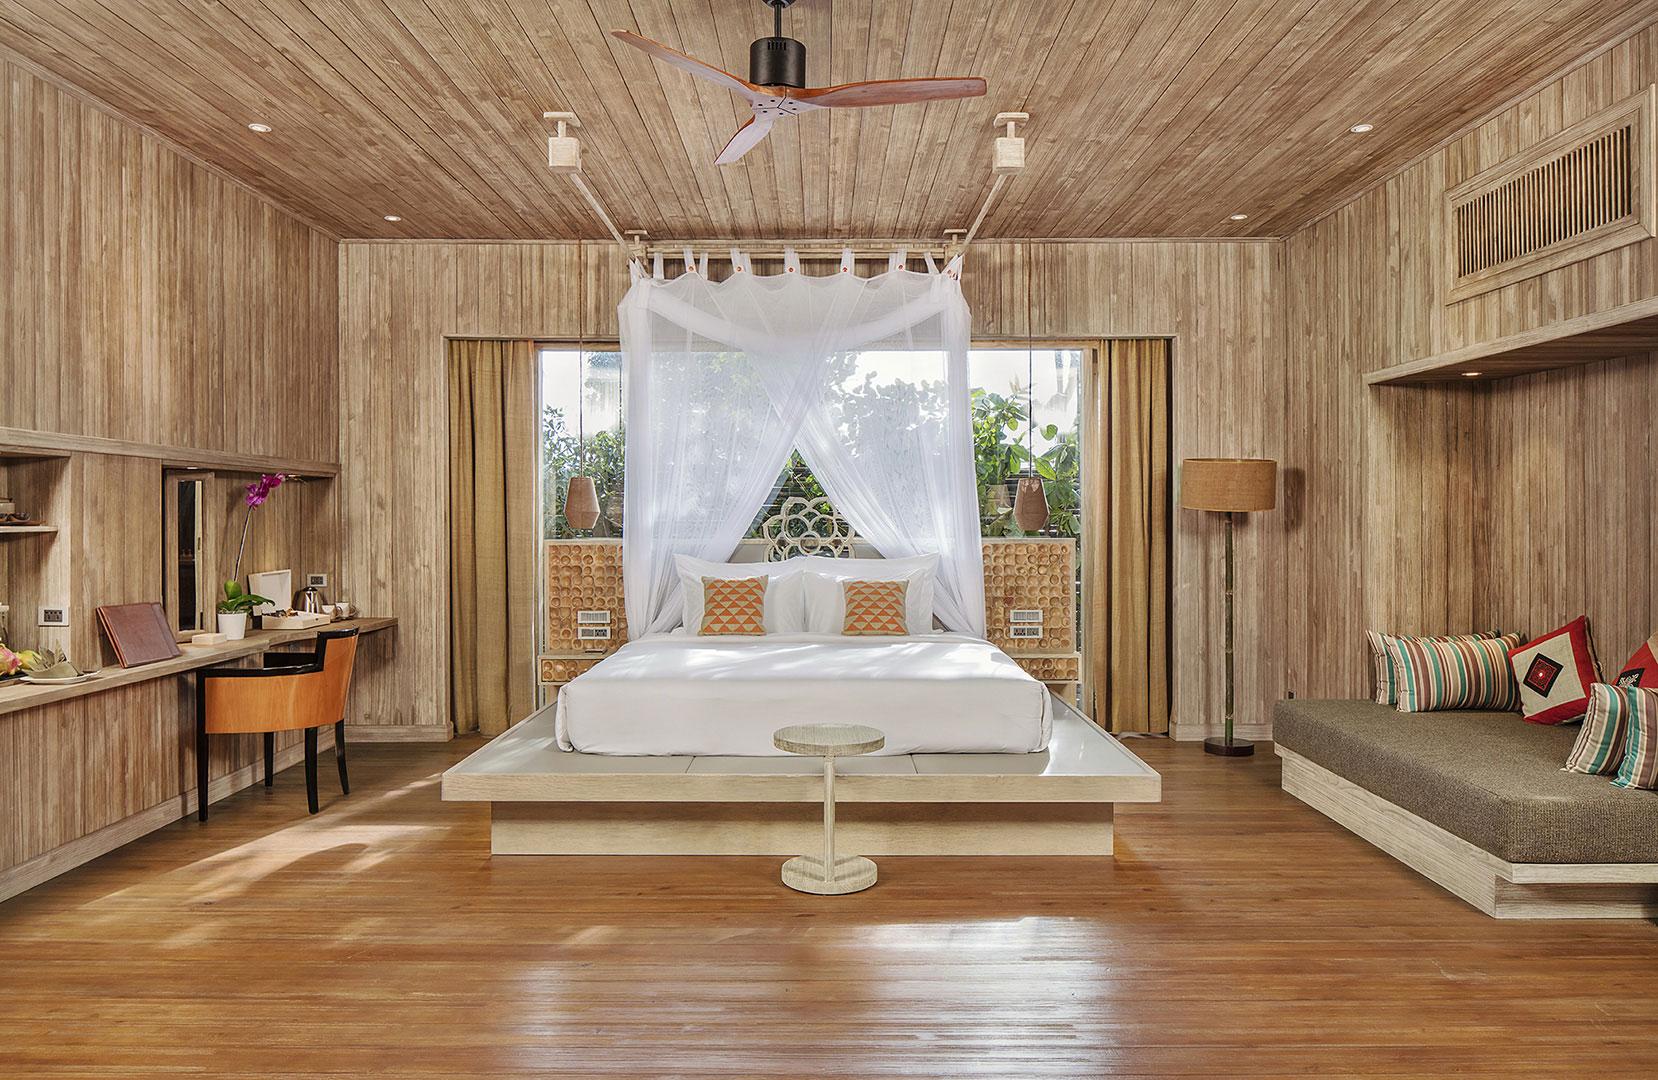 Resort Nha Trang Có Bãi Biển Riêng - An Lam Retreats Ninh Van Bay Nha Trang